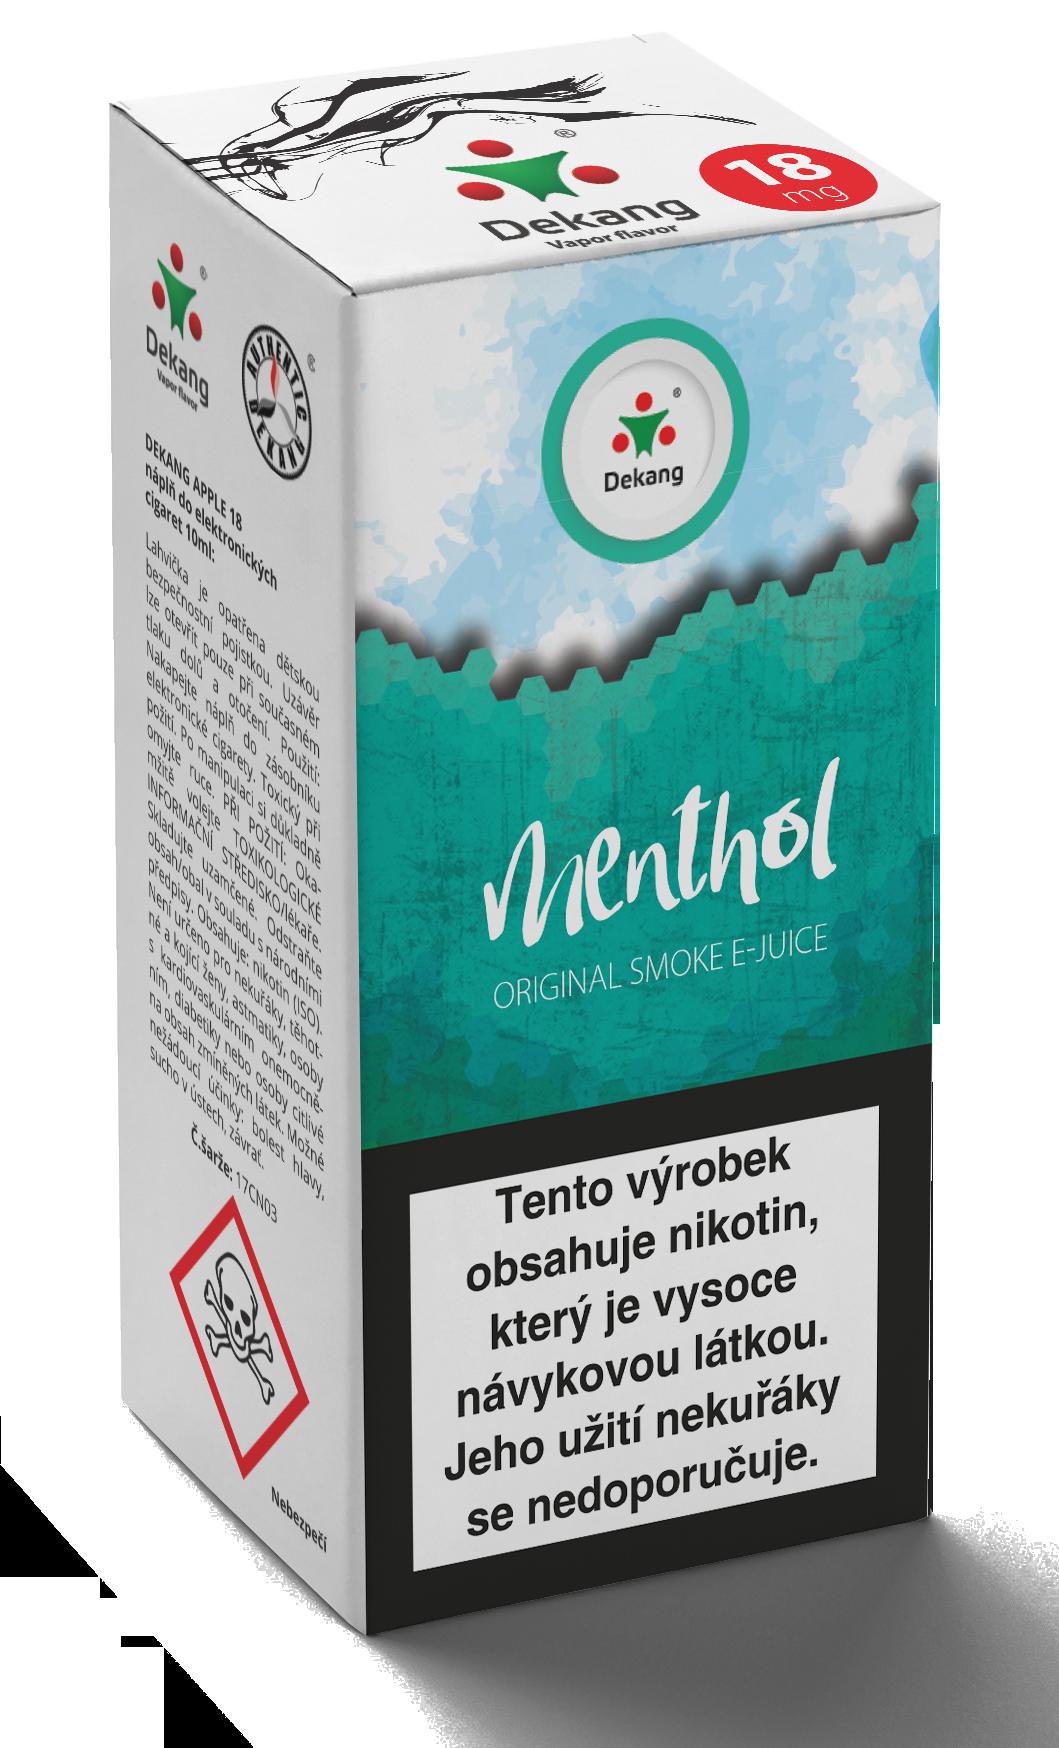 E-liquid Dekang 10ml Menthol - Mentol Množství nikotinu: 6mg